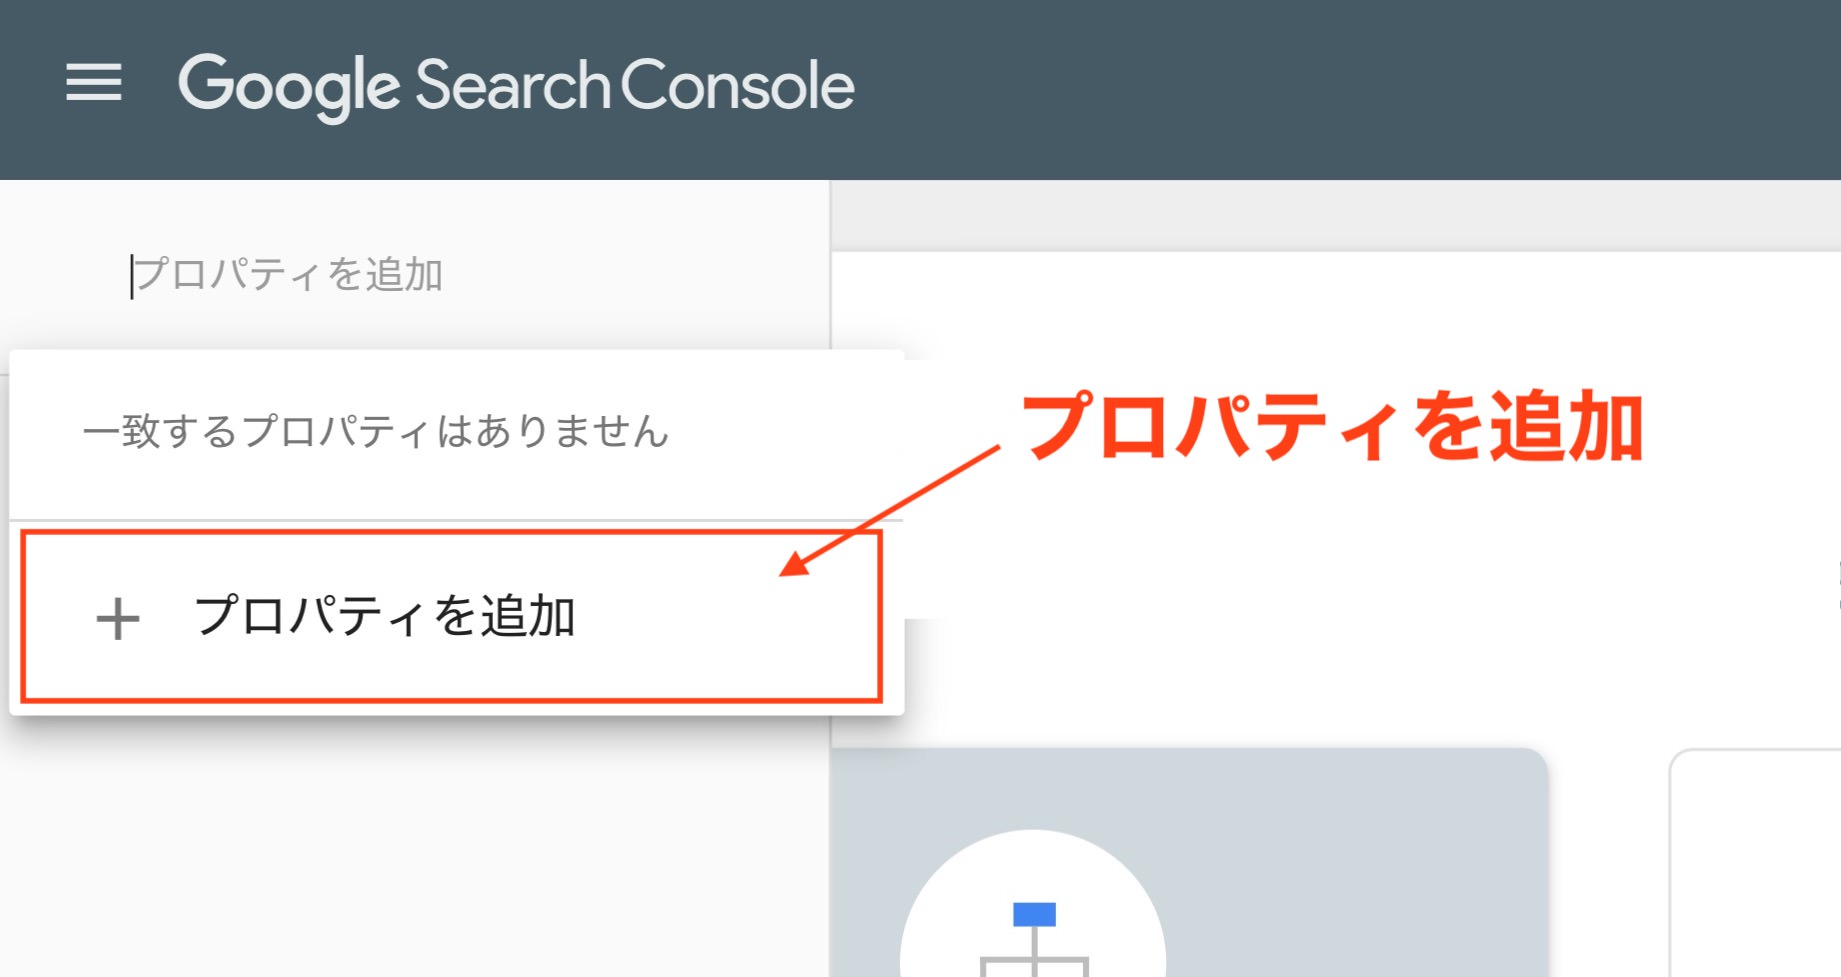 グーグルサーチコンソールのプロパティ追加画面